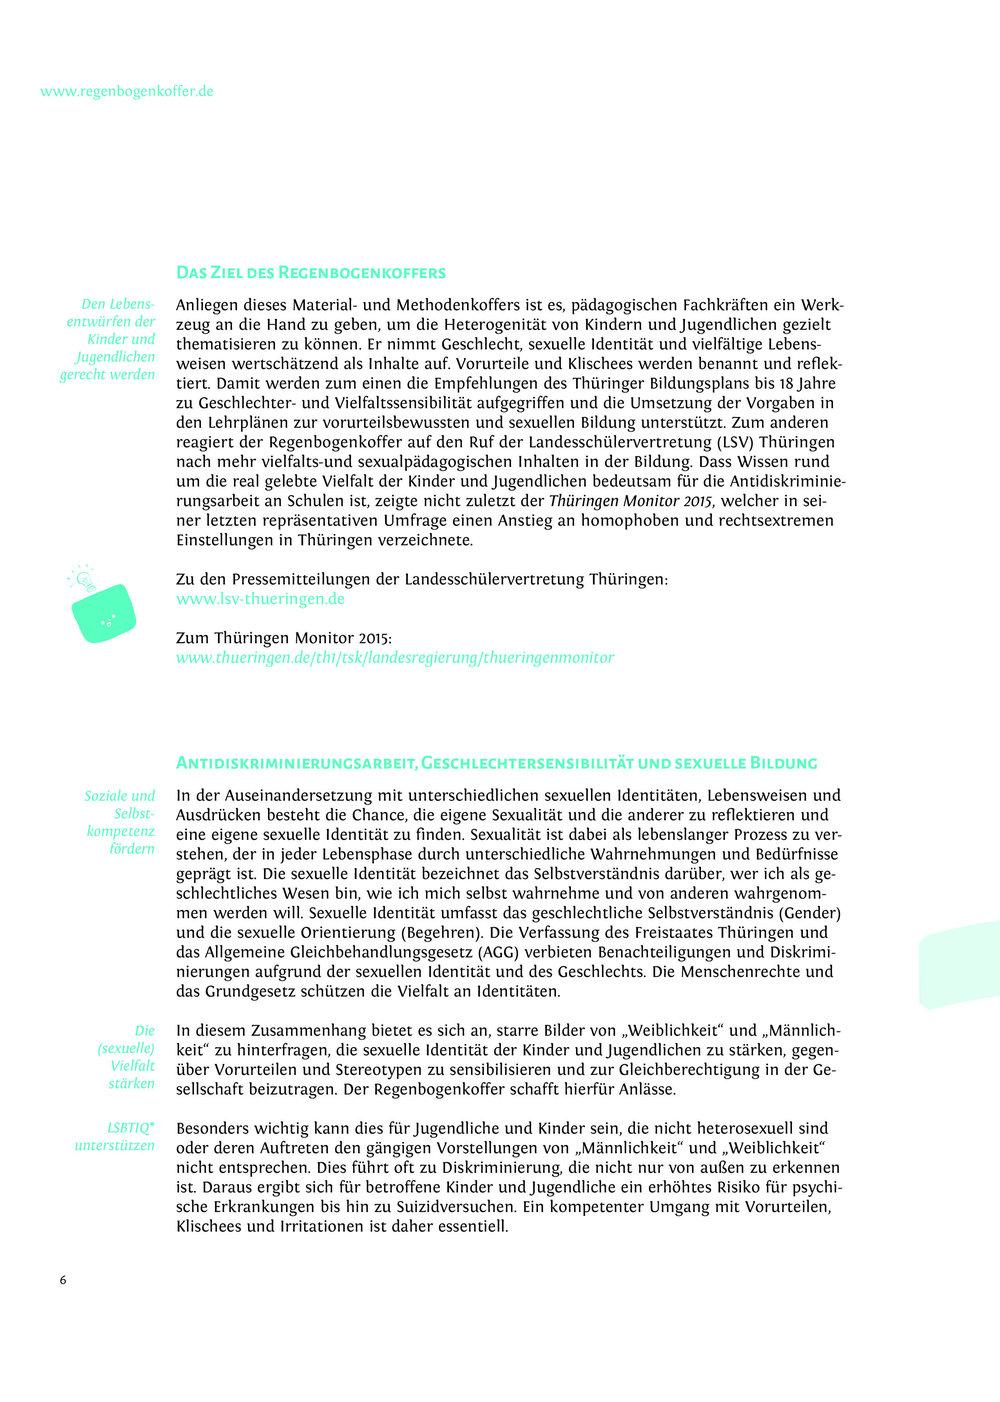 NEU_regenbogenkoffer_layout_frolleinmotte_dez9_3mm-druckbogen.jpg